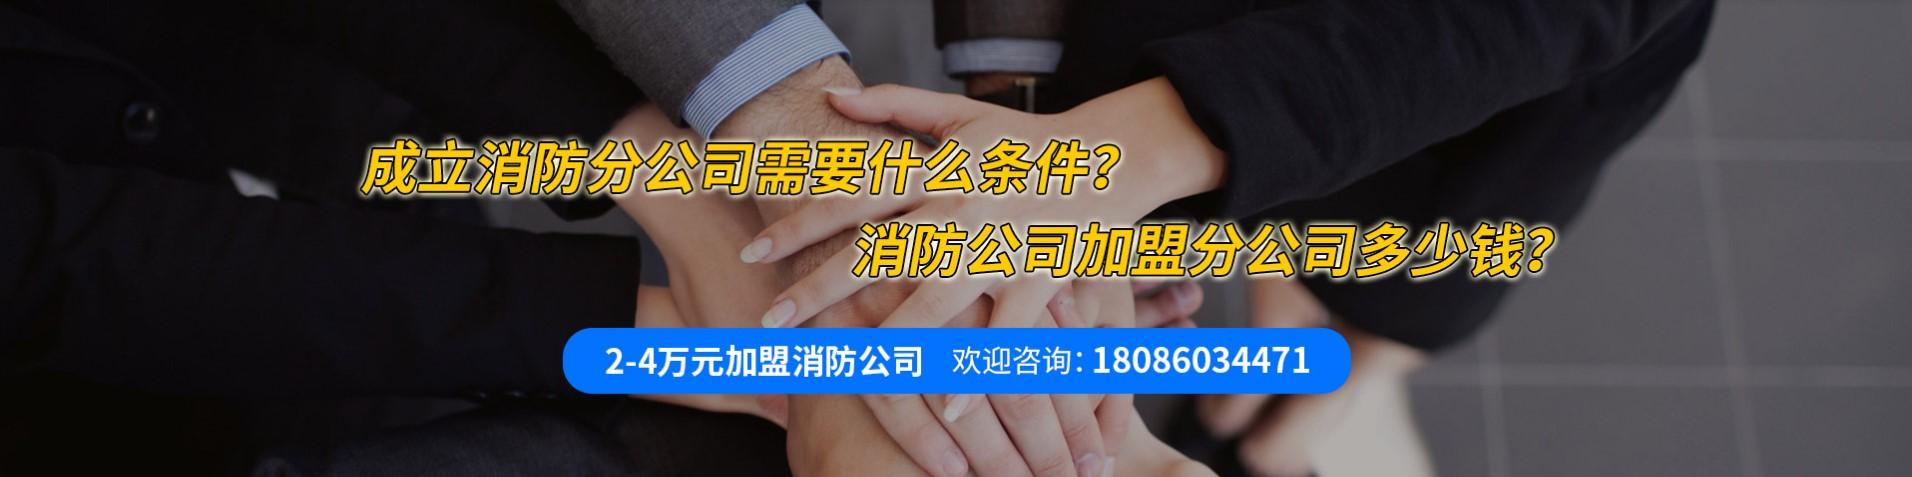 武汉消防工程造价